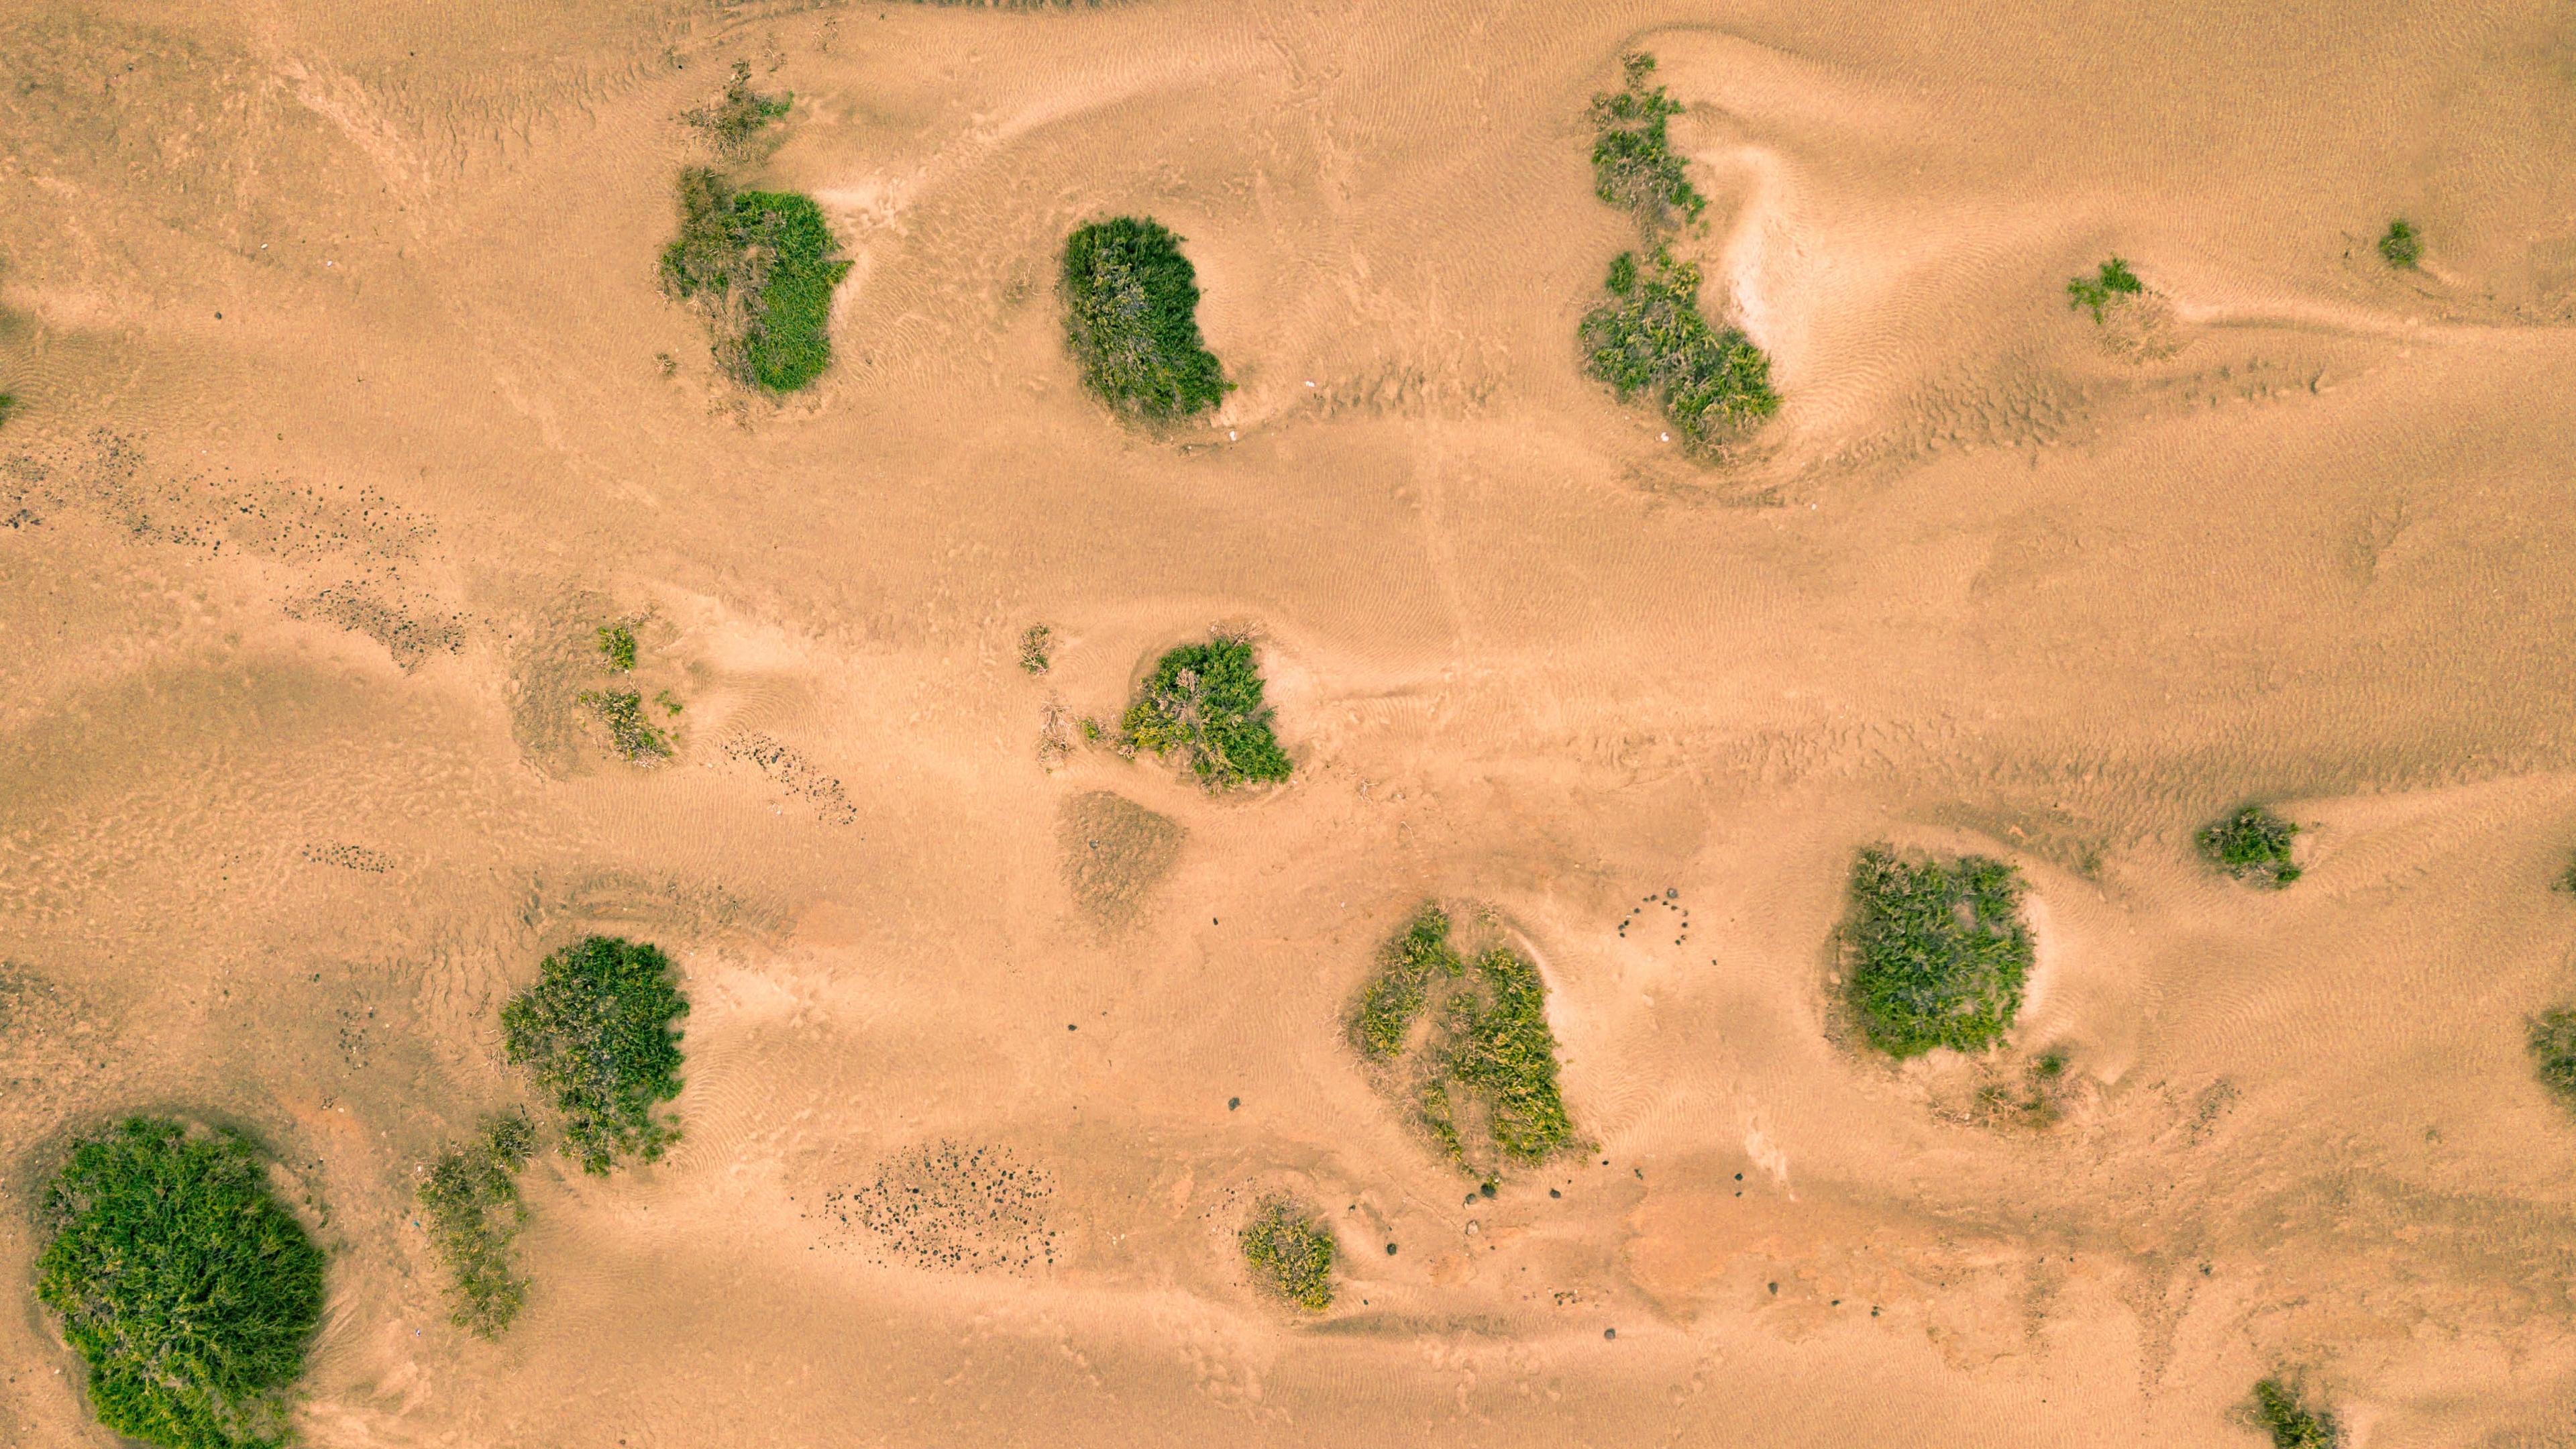 sand desert dunes vegetation 4k 1541115461 - sand, desert, dunes, vegetation 4k - Sand, Dunes, Desert